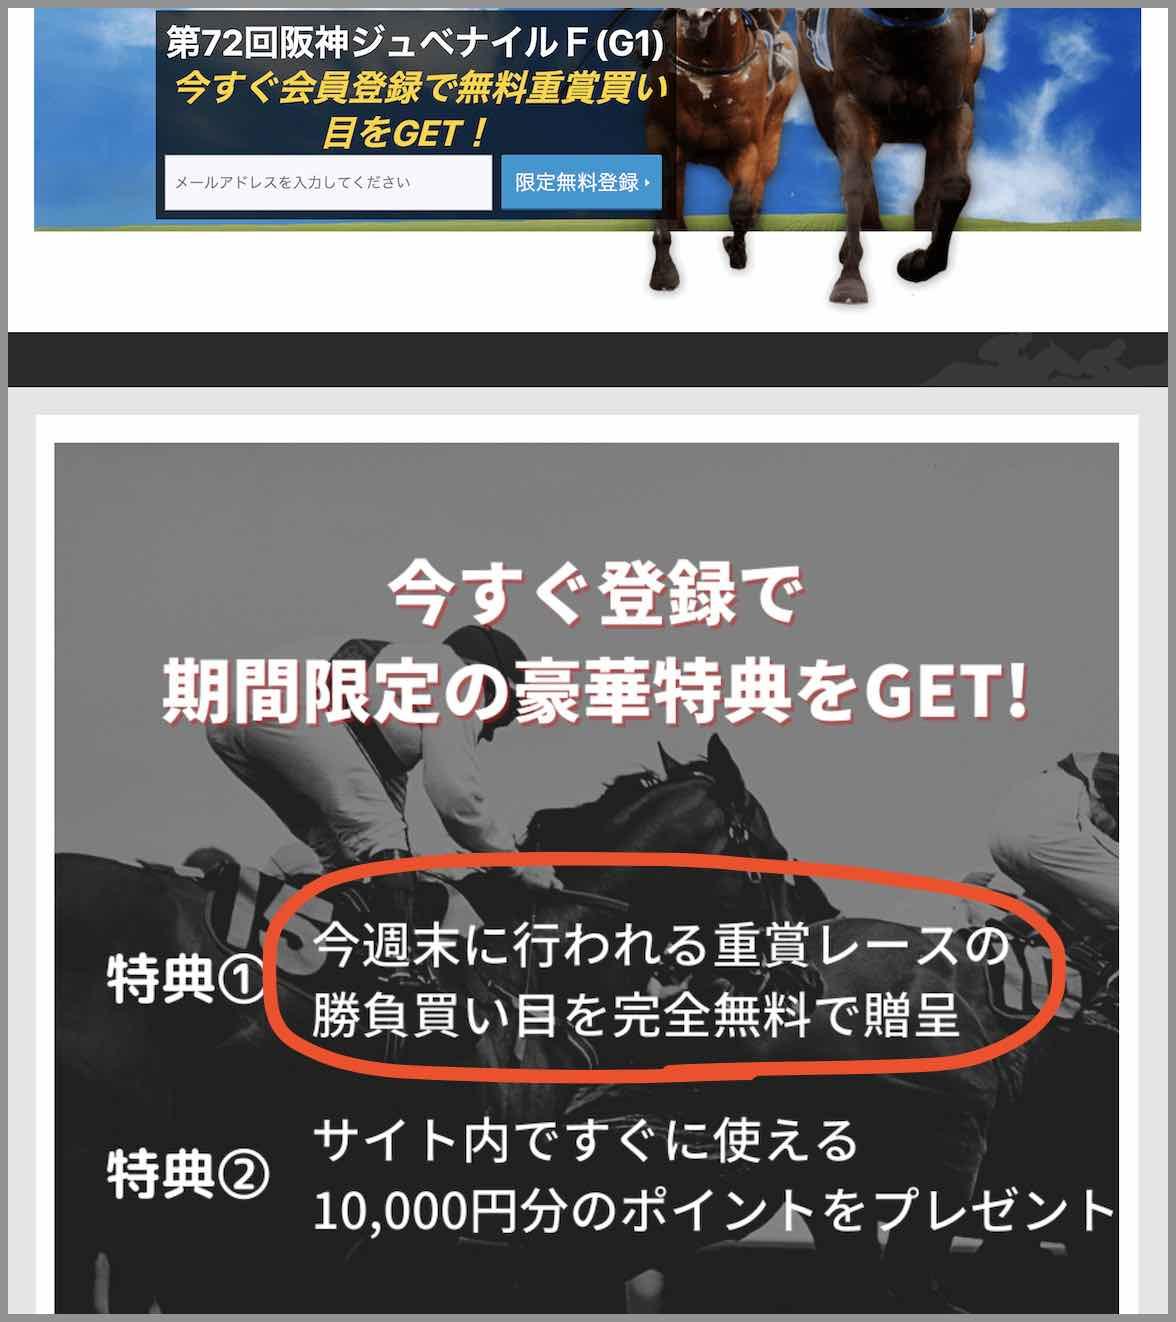 CHOICE(チョイス)という競馬予想サイトの非会員TOPに無料予想の提供告知